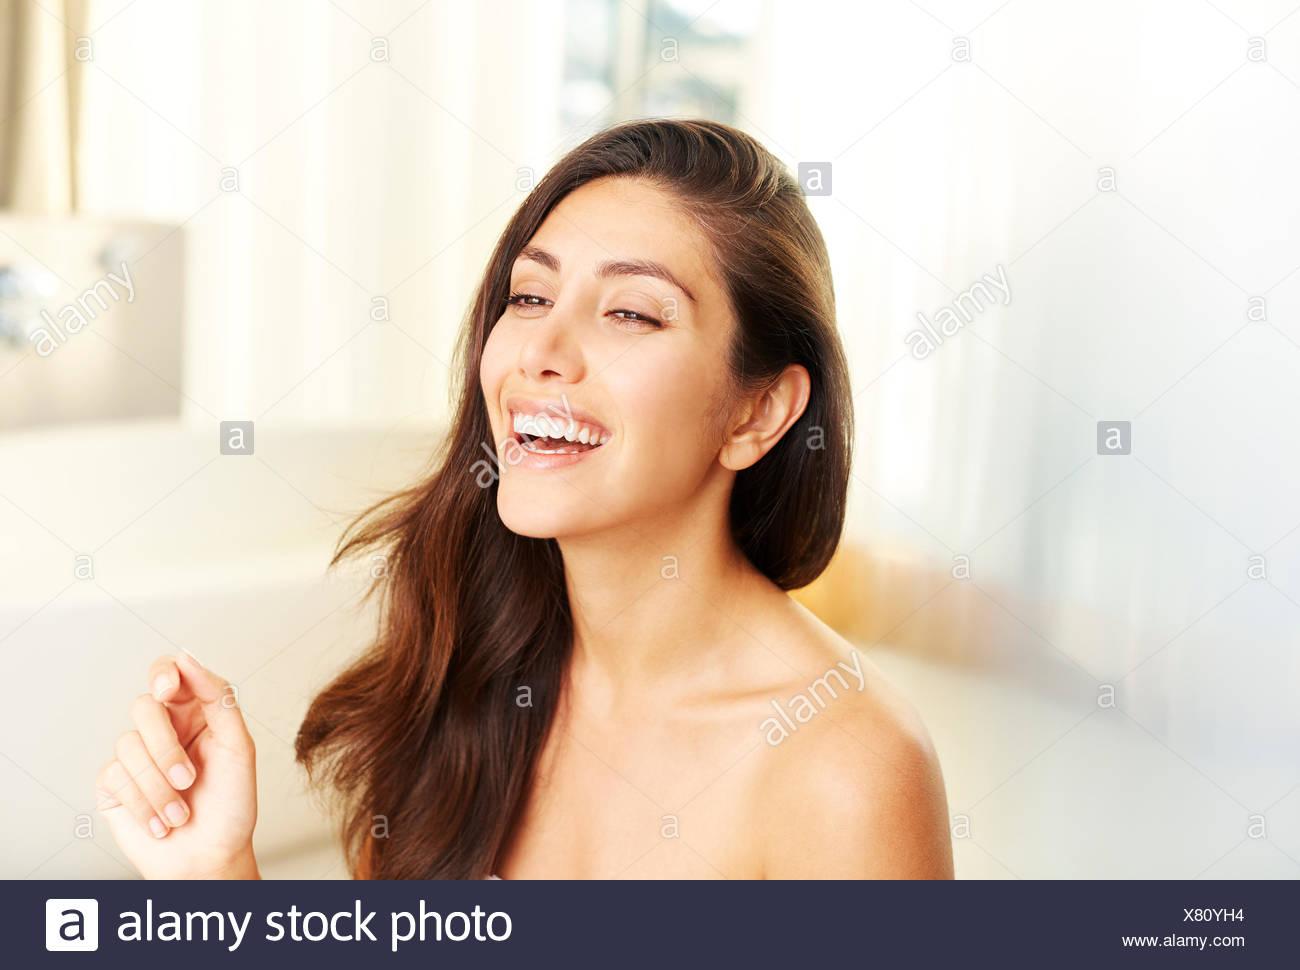 Brünette Frau mit nackten Schultern lachen Stockbild